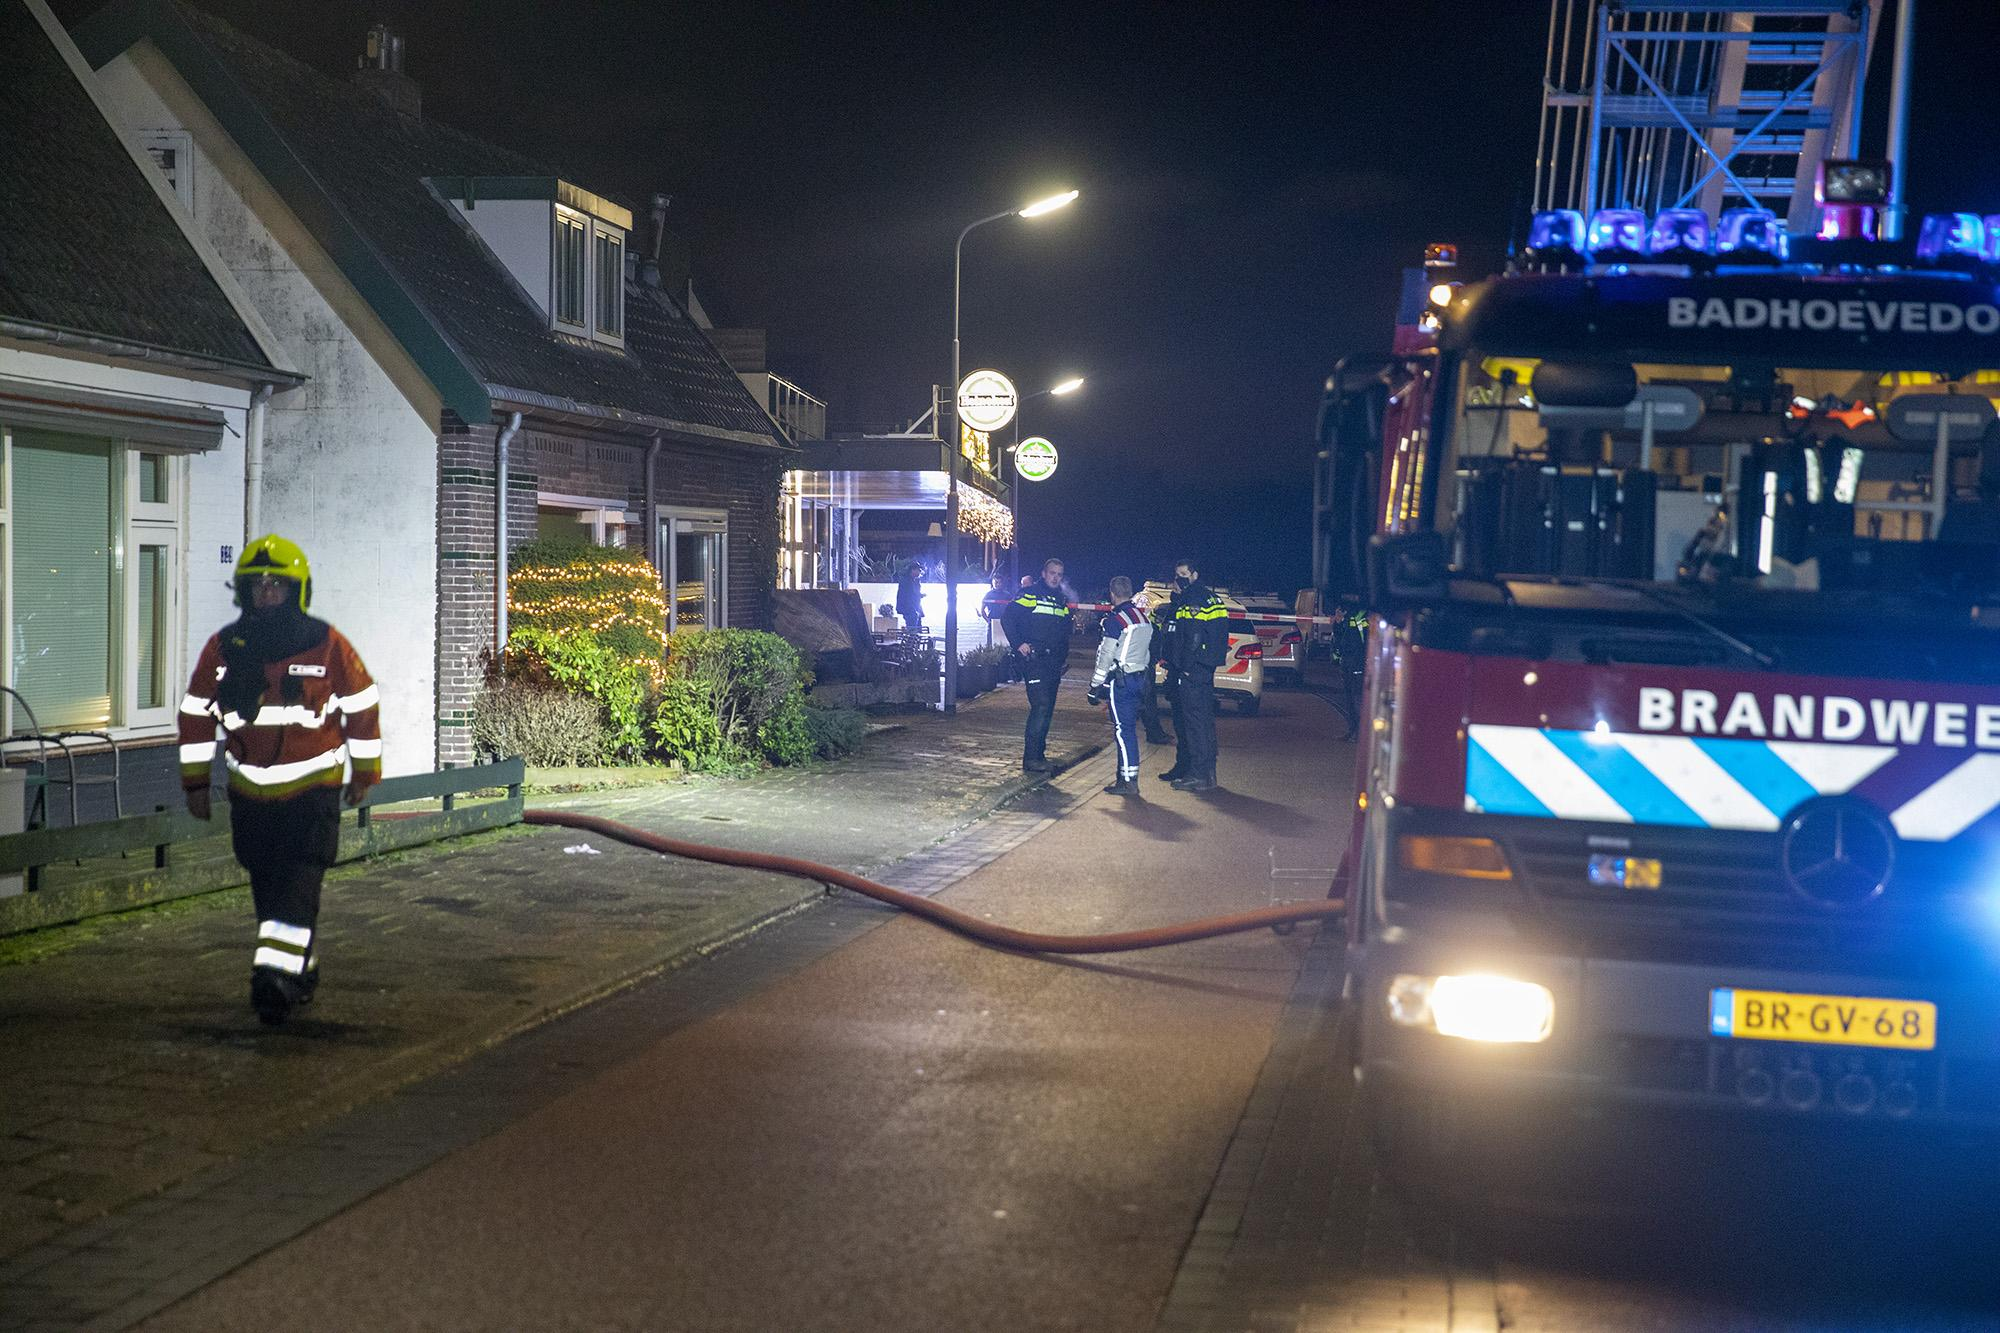 Vrouw naar ziekenhuis na explosie in chalet in Badhoevedorp